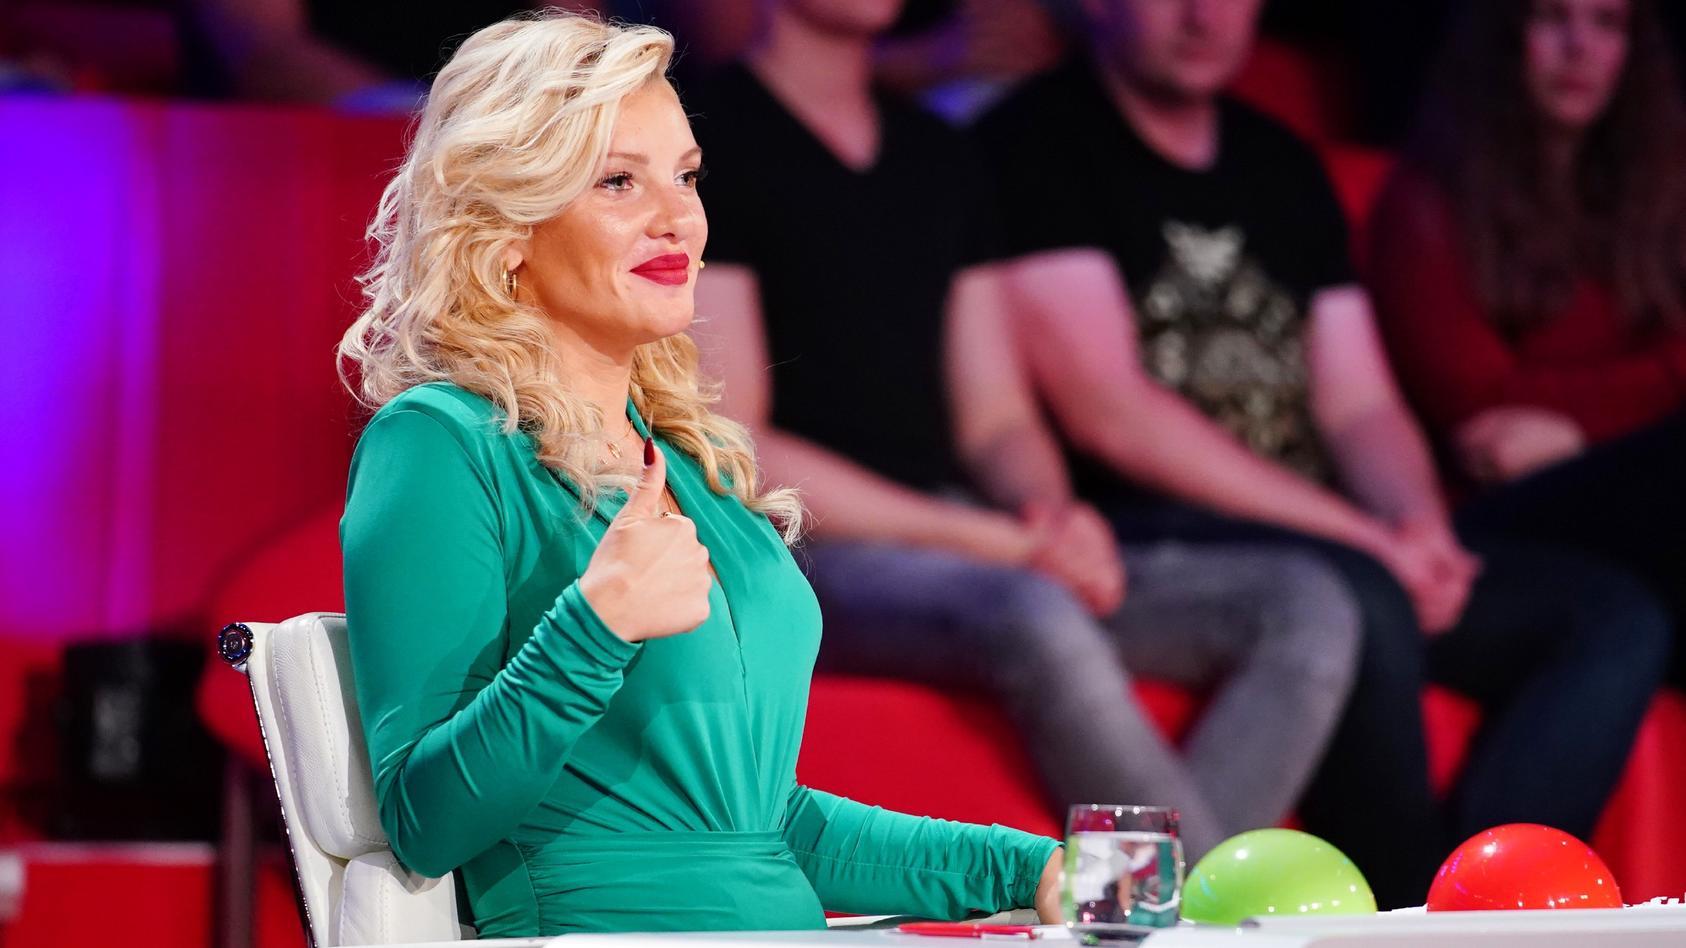 """Evelyn Burdecki ist in der Jury von """"Das Supertalent"""" 2020."""